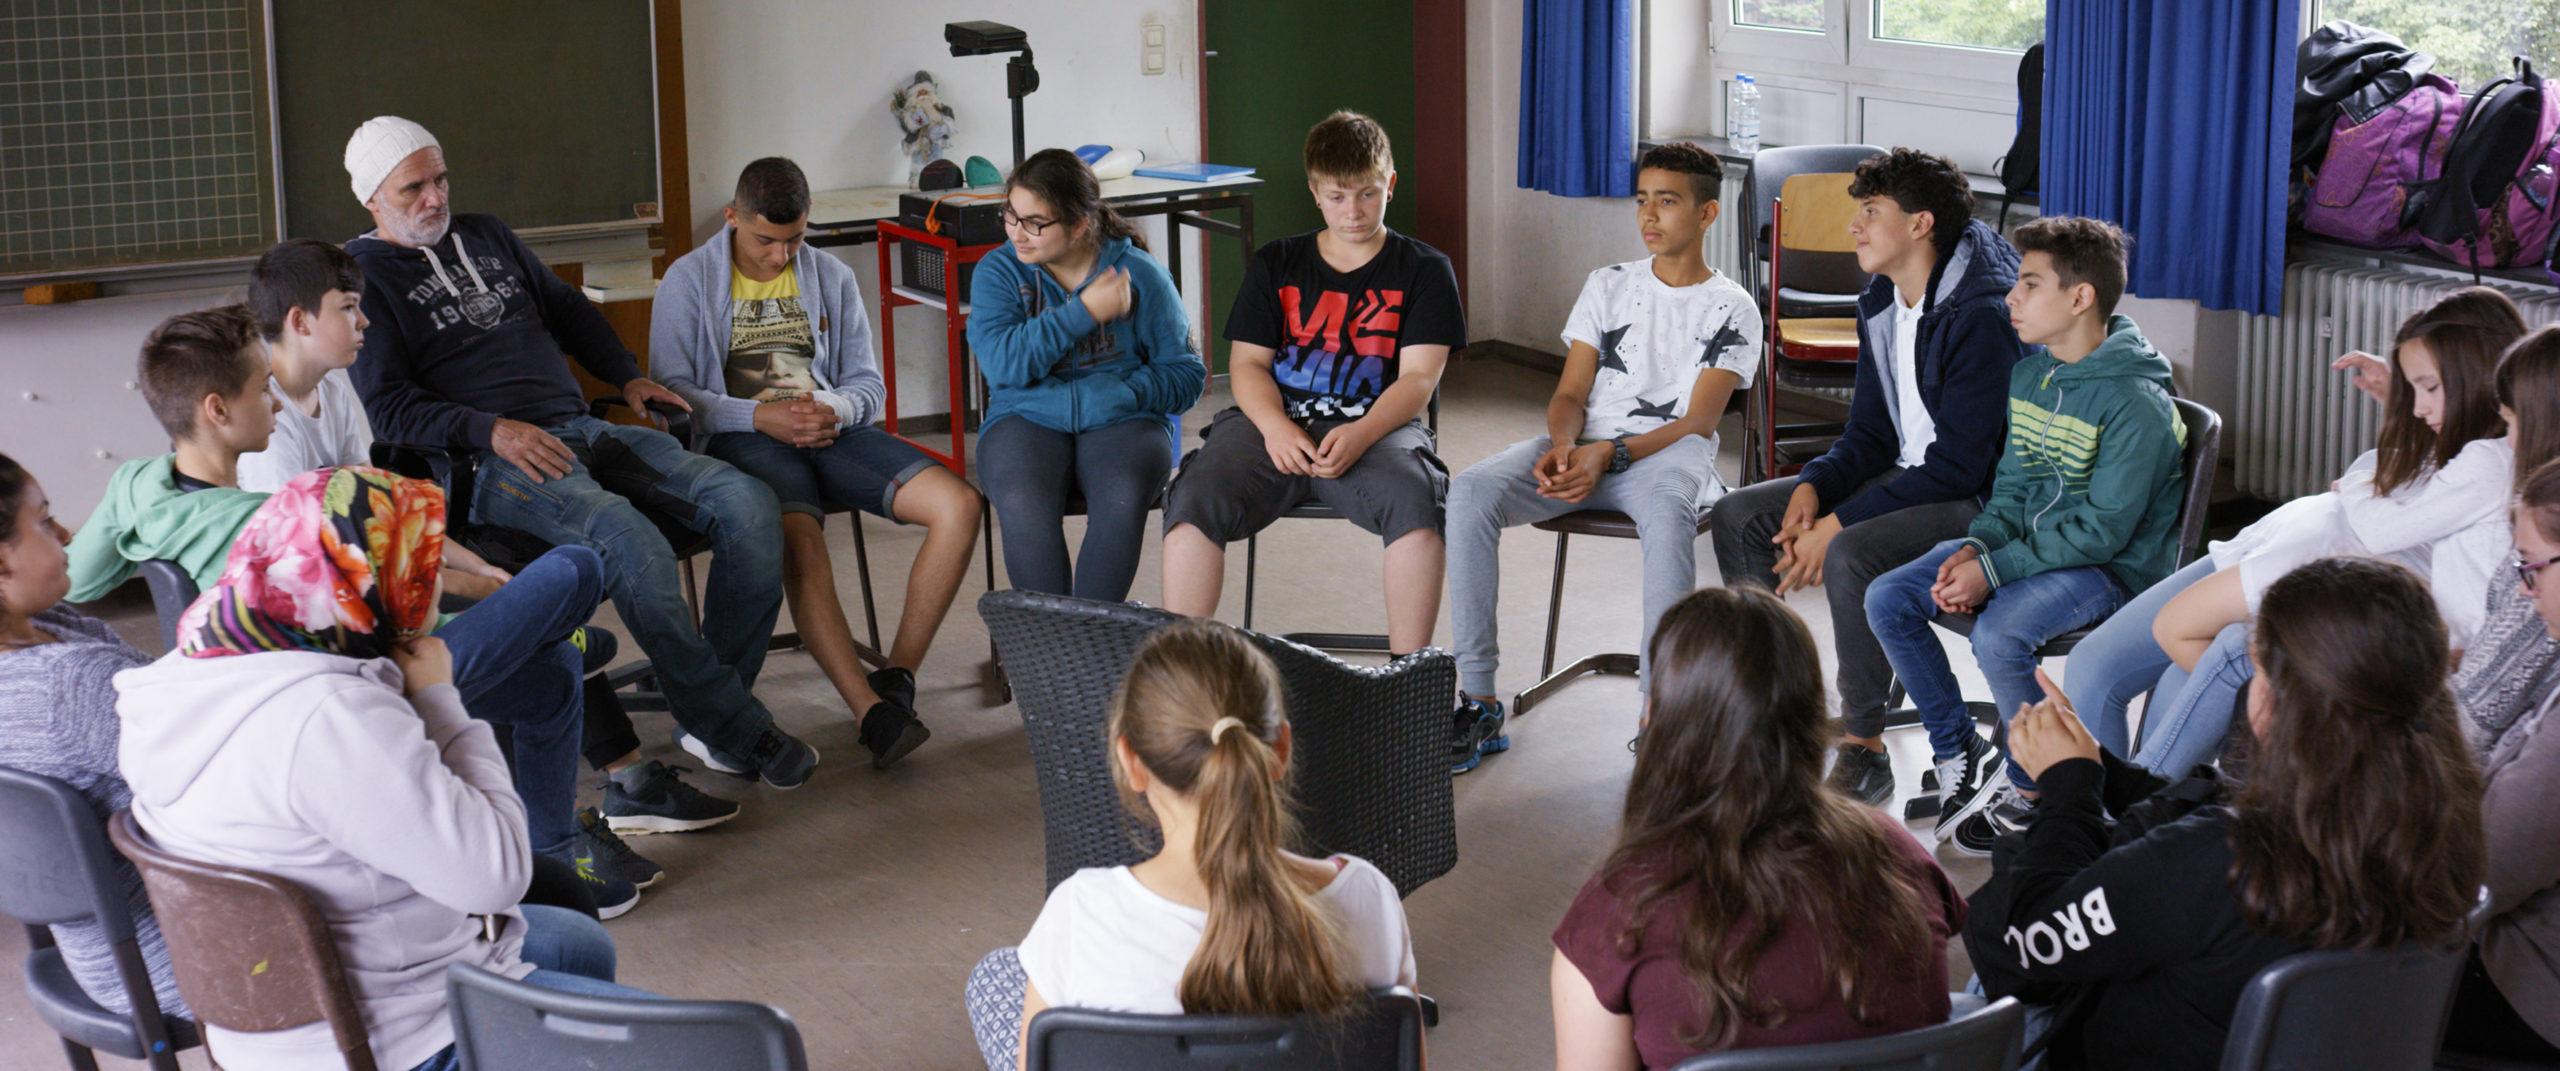 """Jedni (?) w różności – recenzja filmu """"Mr. Bachmann and His Class"""" – Berlinale 2021"""